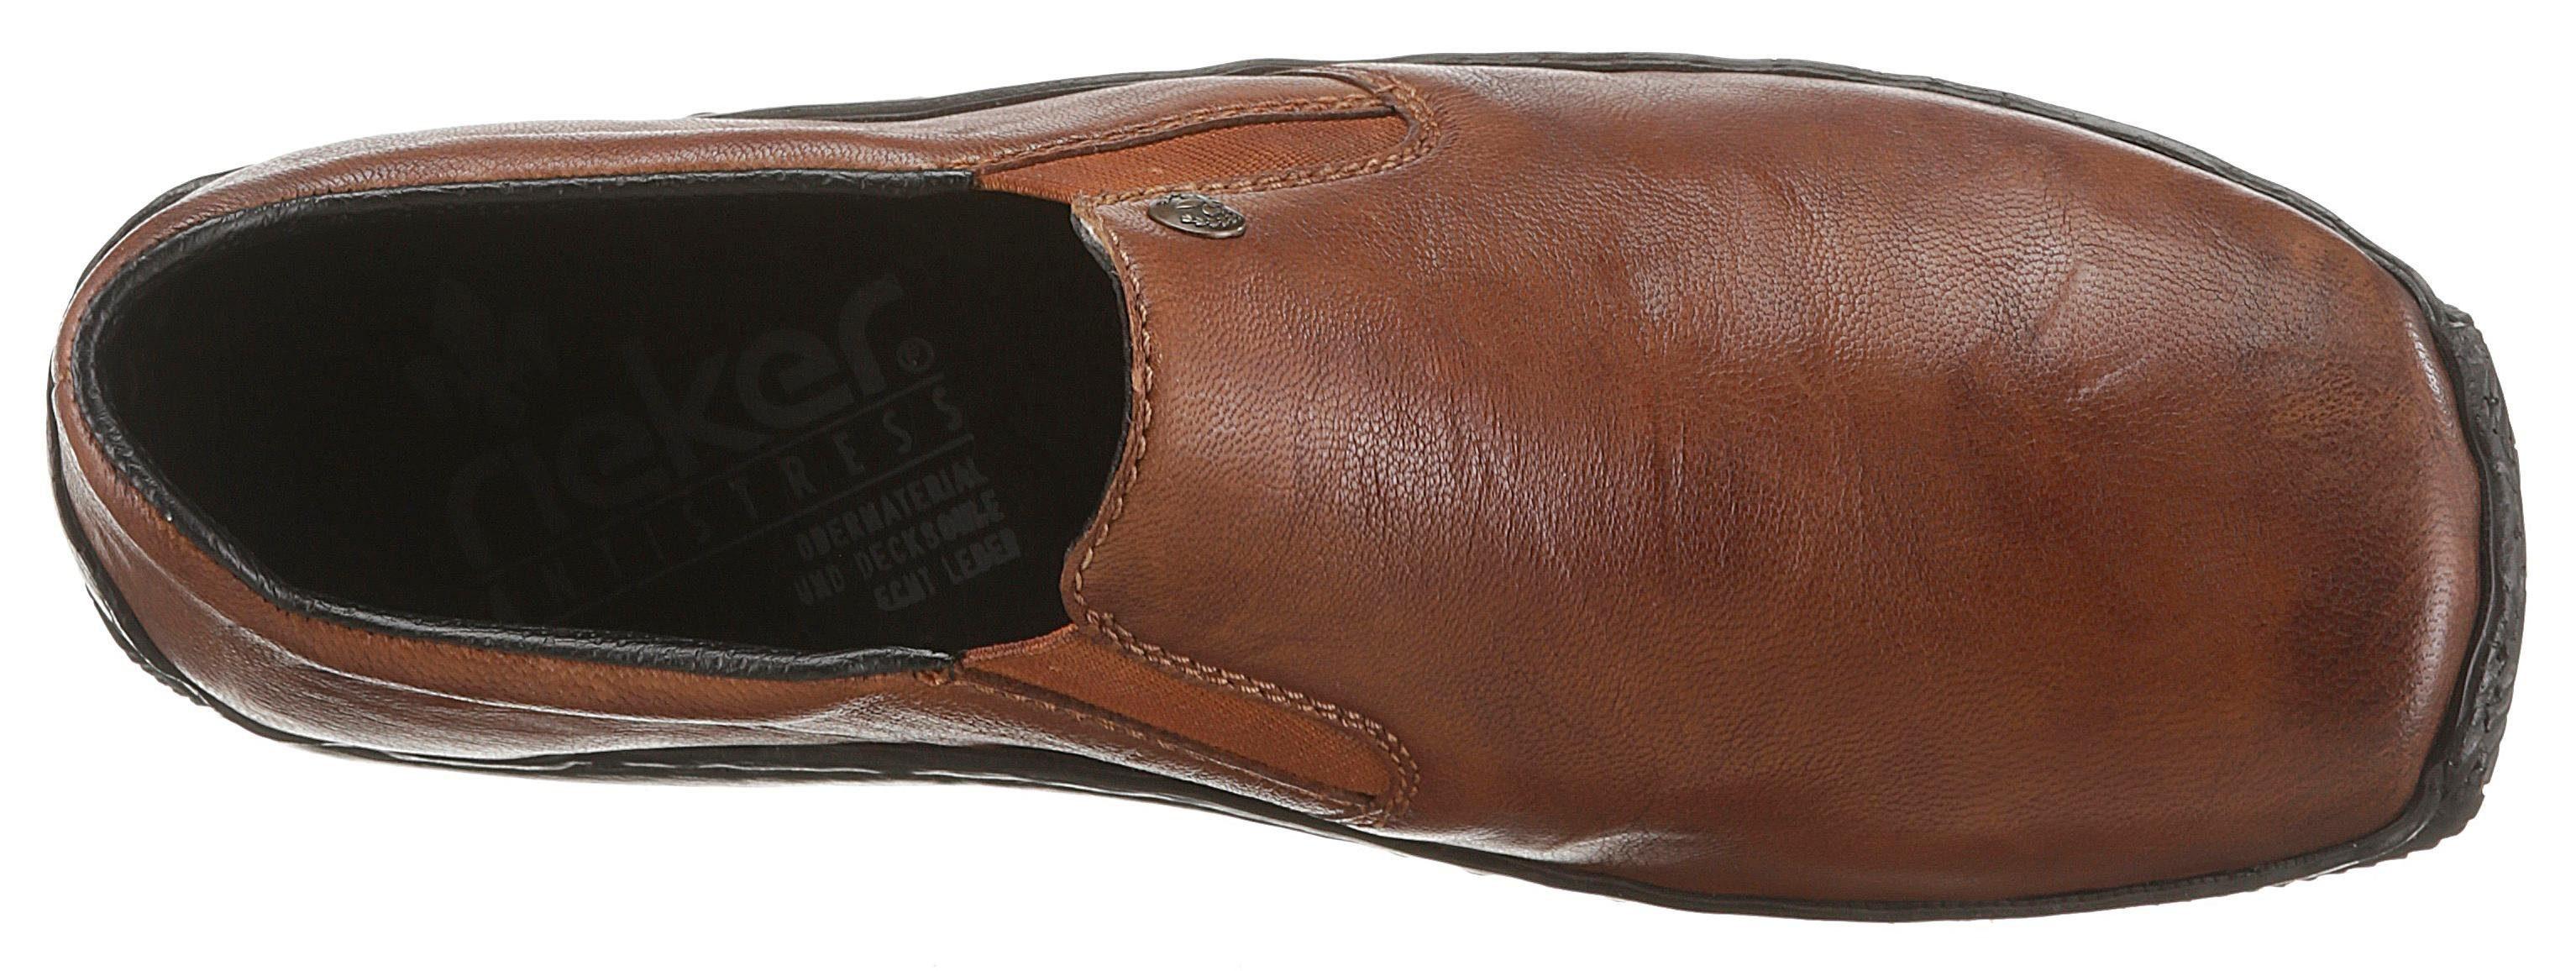 Boutique &5592 Rieker Rieker &5592 Slipper zum Schlupfen 69aca4